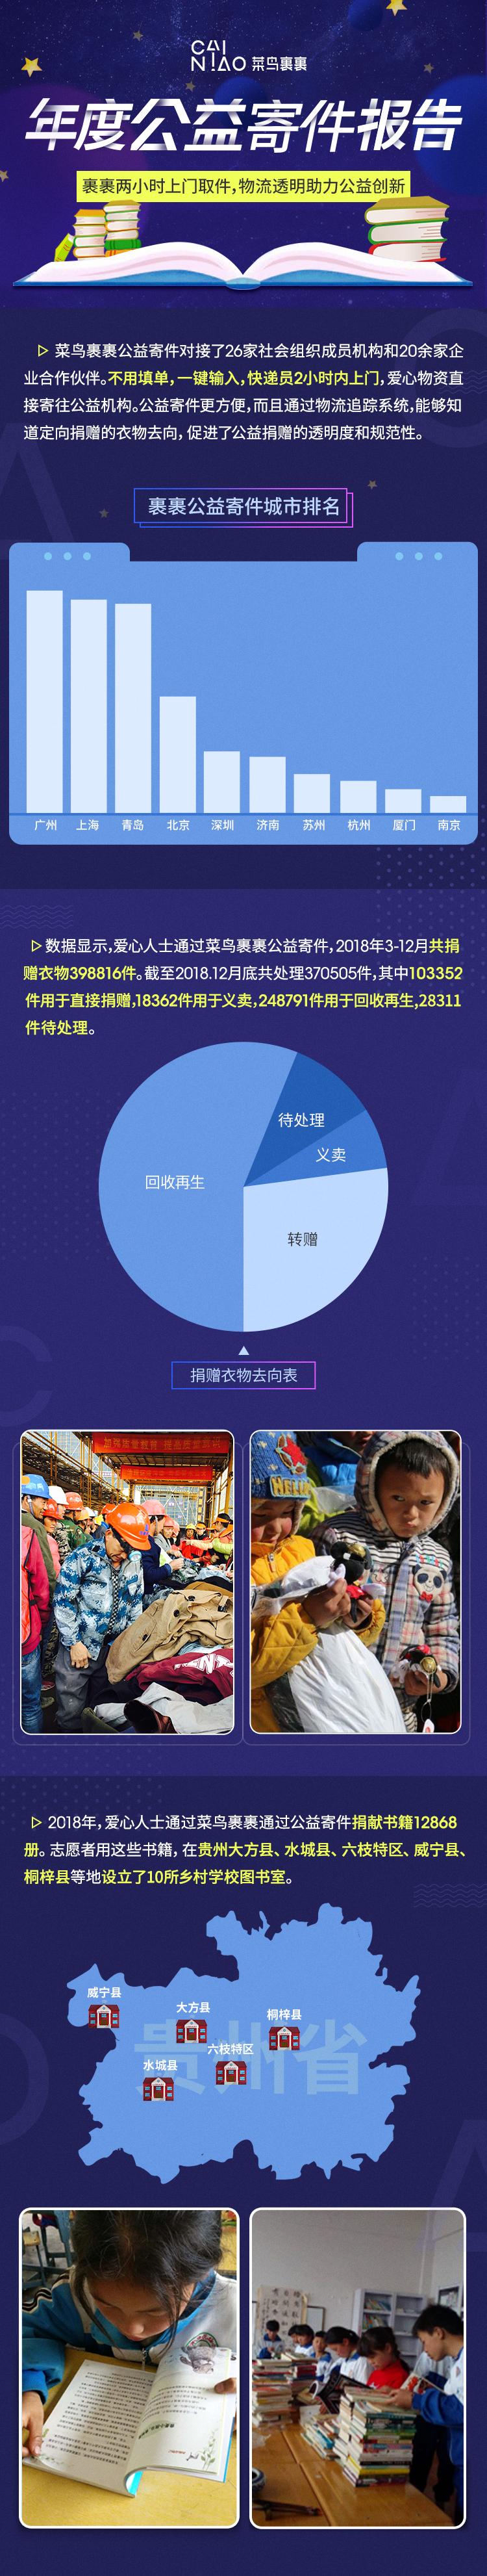 菜鸟裹裹发布公益寄件报告:40万衣物一键快递,广州、上海、青岛排前三